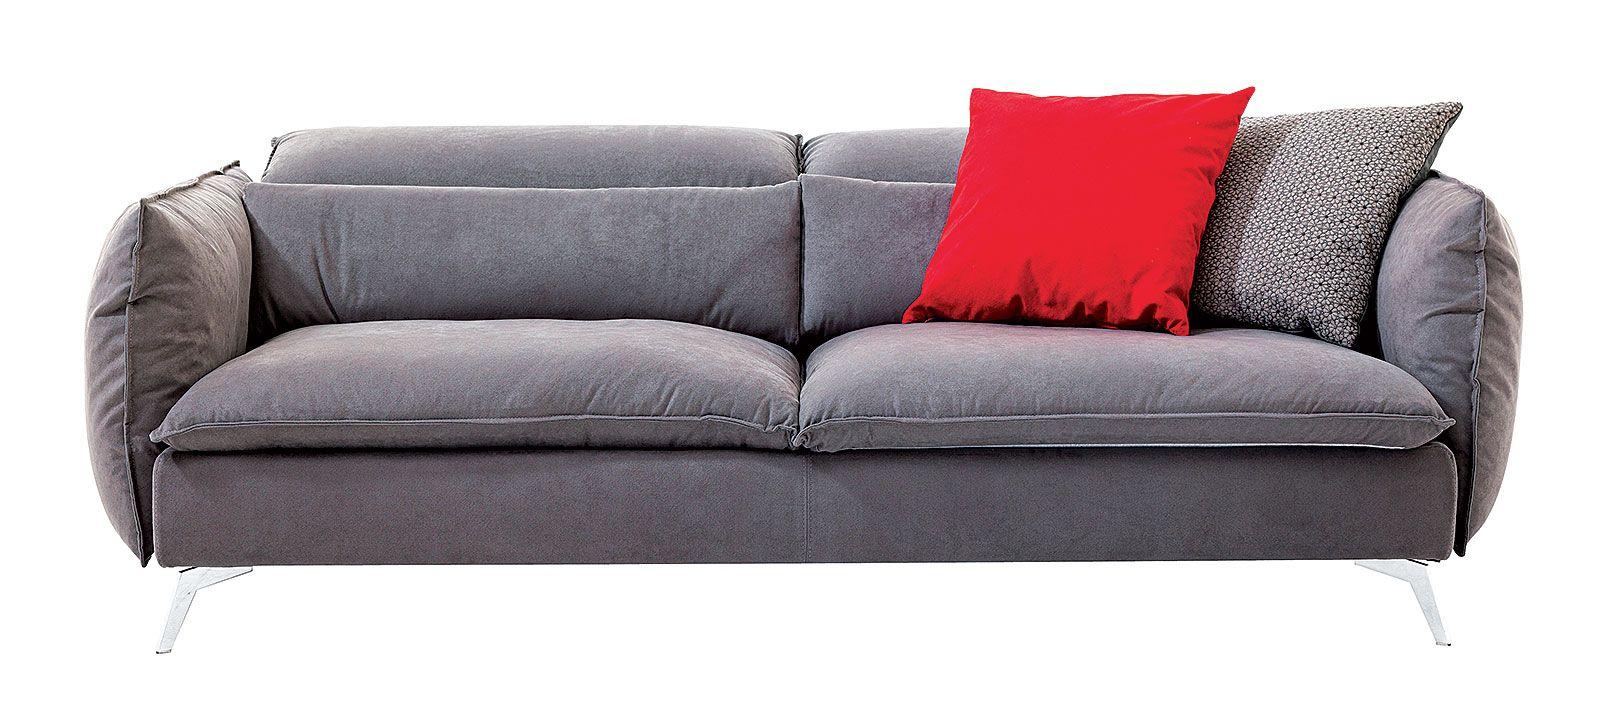 canape moelleux 3 places finest classy canap moelleux et profond lie canap pas cher achat canap. Black Bedroom Furniture Sets. Home Design Ideas